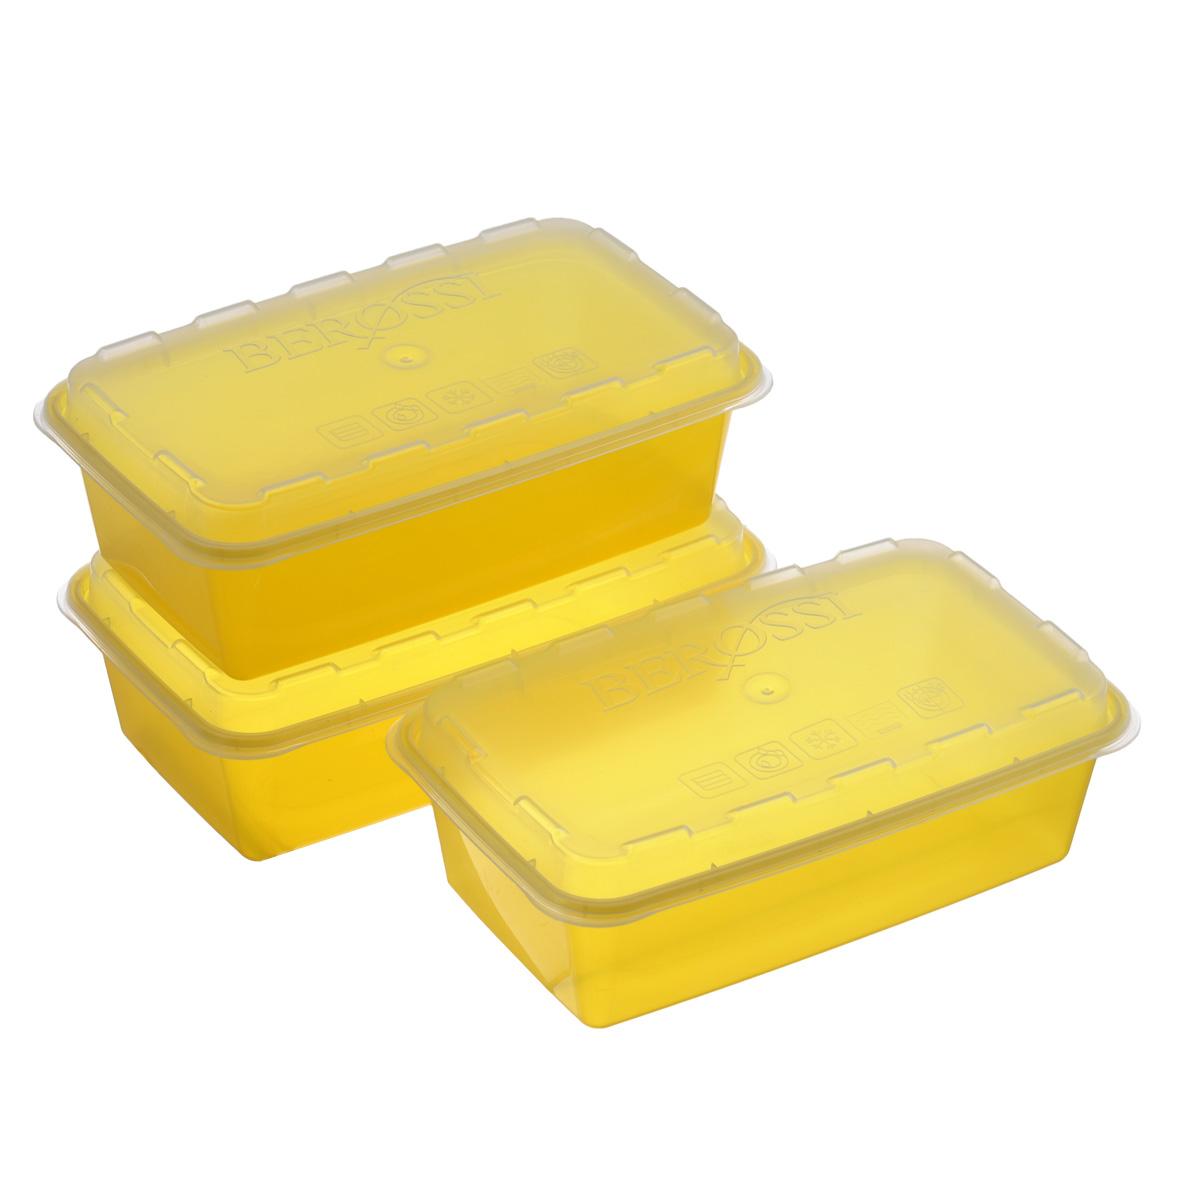 Набор контейнеров для СВЧ и заморозки Berossi Zip, цвет: желтый, 3 штИК17455Набор Berossi Zip, выполненный из высококачественного пищевого прозрачного пластика, состоит из трех контейнеров. Изделия предназначены для хранения и транспортировки пищи. Крышки легко открываются и плотно закрываются с помощью легкого щелчка. Контейнеры удобно складываются друг в друга, что экономит пространство при хранении в шкафу.Подходят для использования в микроволновой печи без крышки (до +120°С), для заморозки при минимальной температуре -20°С. Можно мыть в посудомоечной машине.